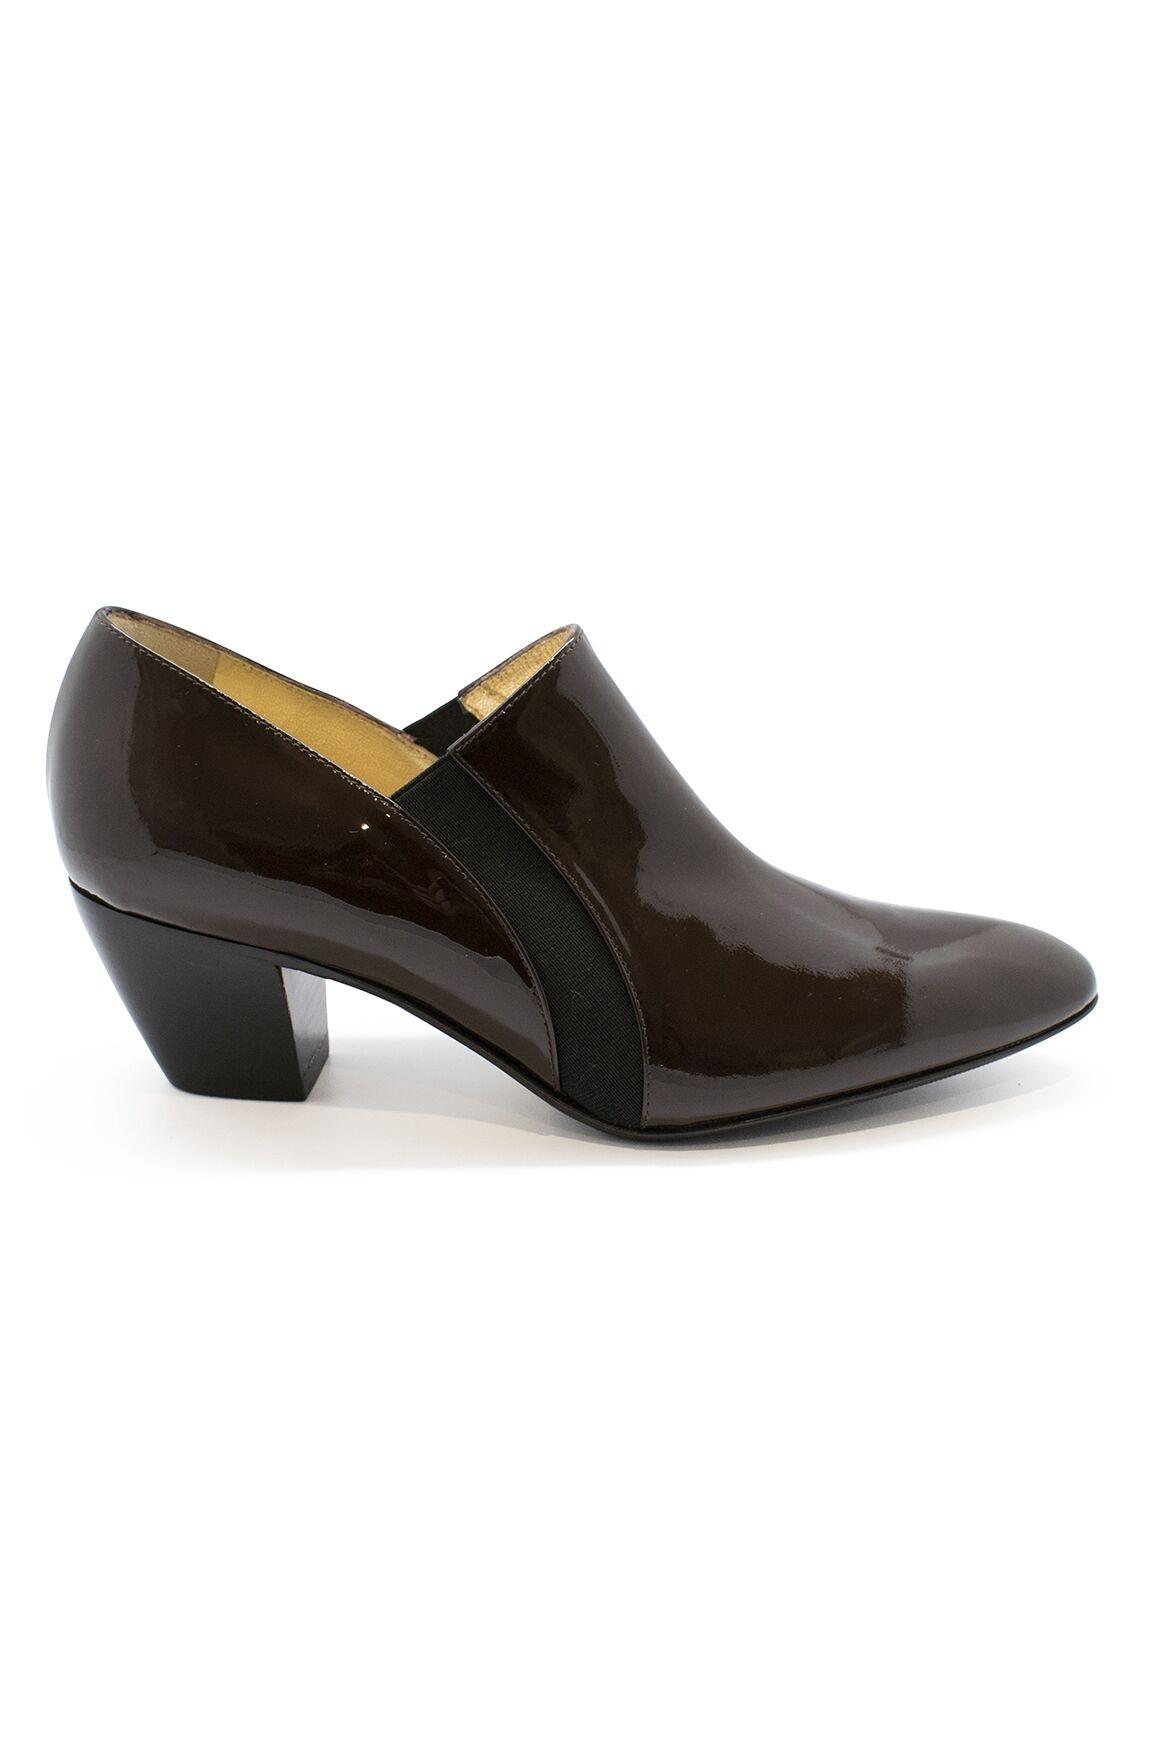 Walter Steiger Boots Seventy Eight - Pointure: 36,5